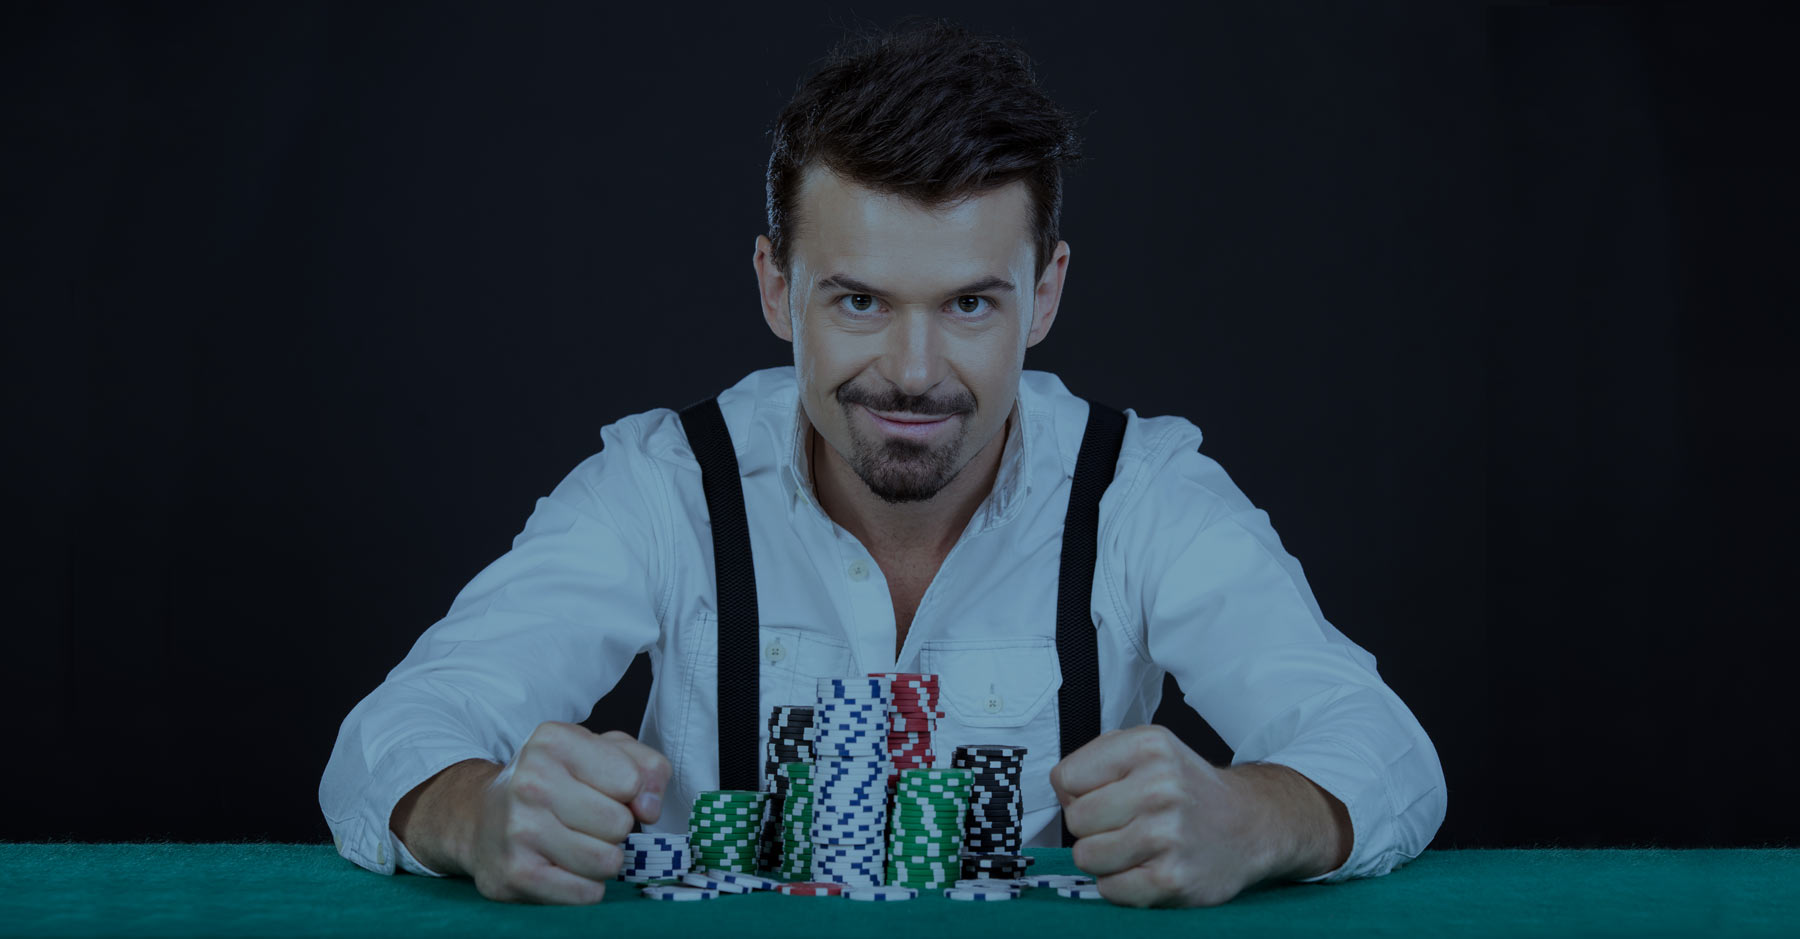 Online blackjack wizard